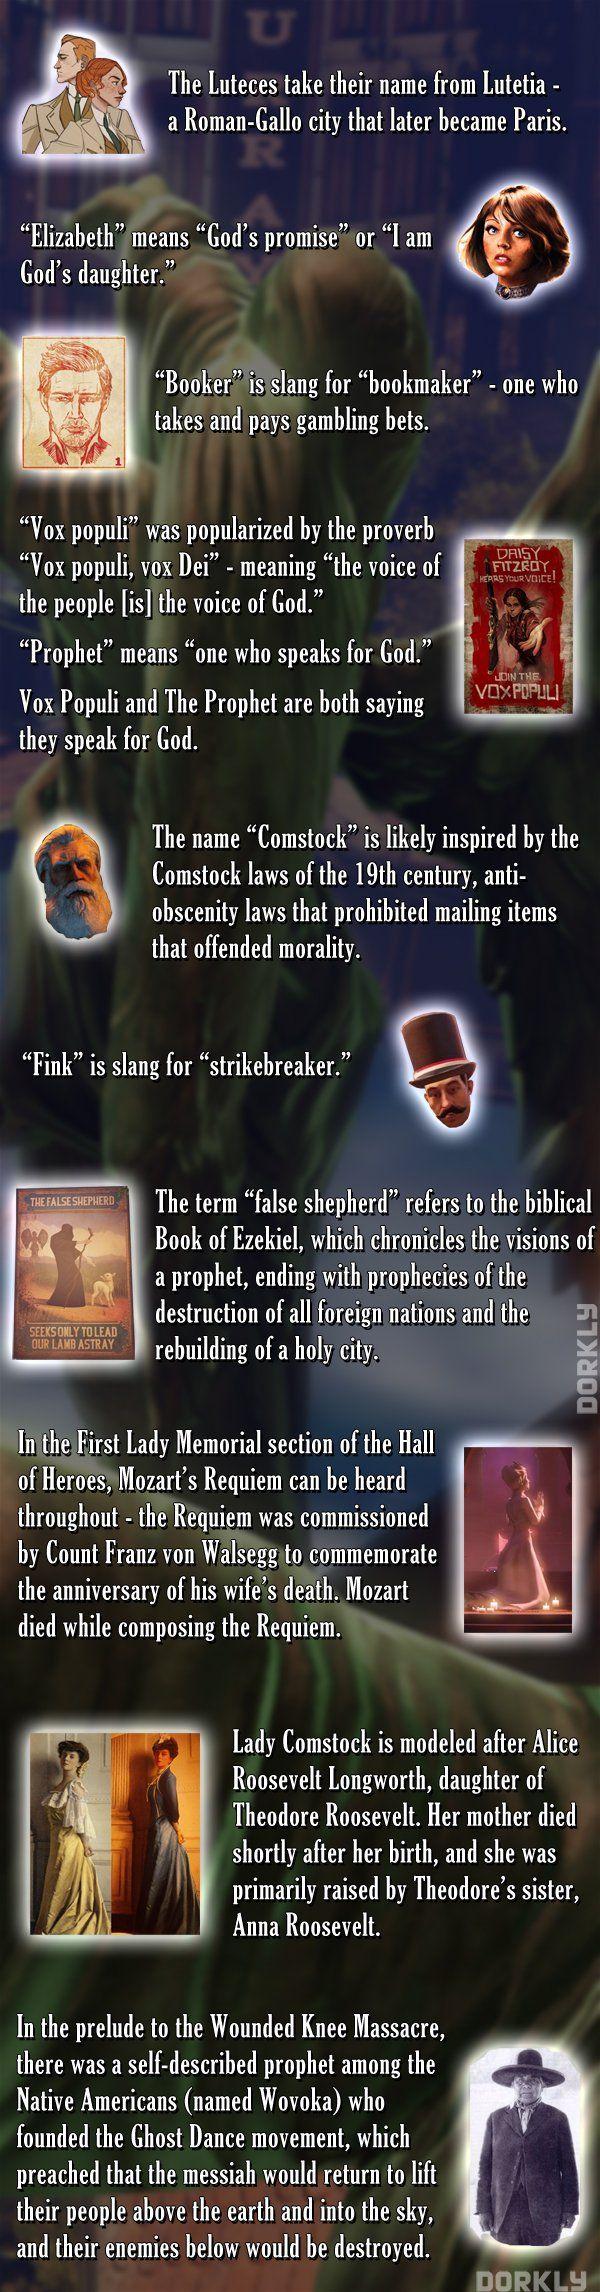 Bioshock Infinite Inspirations Infographic Bioshock Infinite